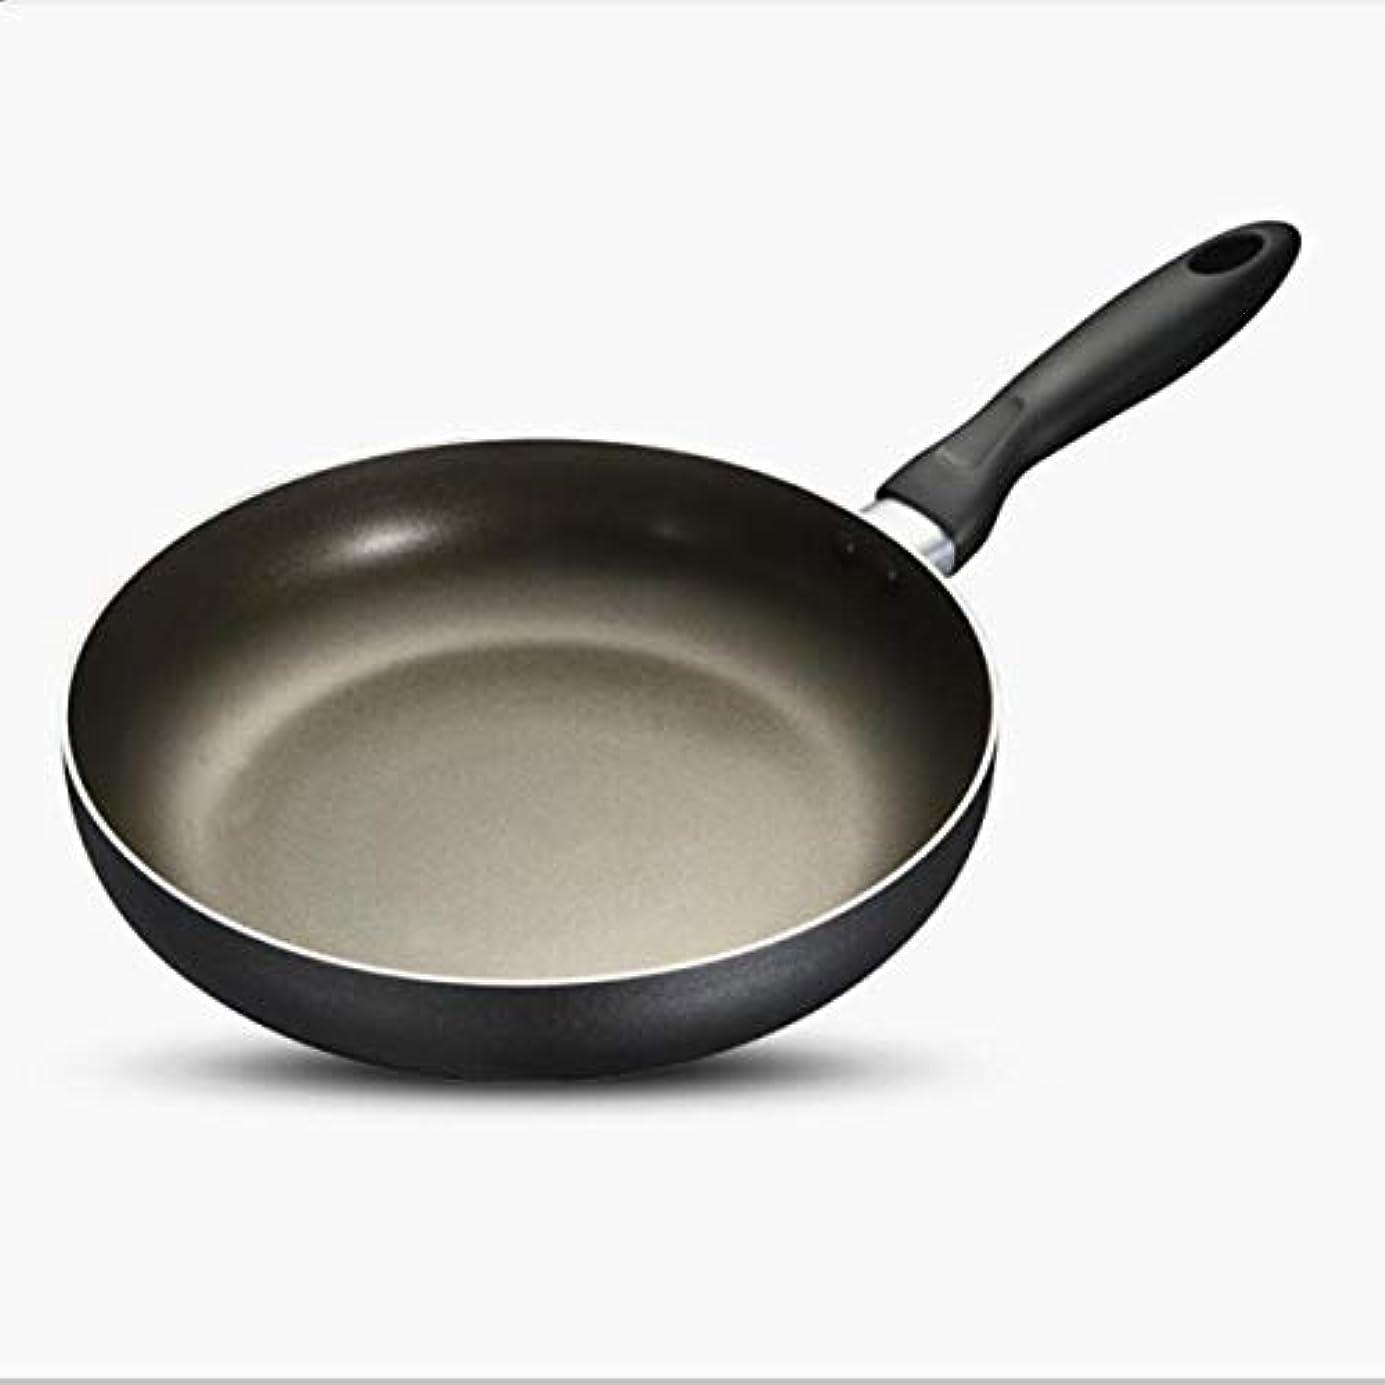 遠い叱る裁判官XIONGHAIZI フライパン、鍋、誘導アルミノンスティックパンとフライパン、シンプルスタイル-10インチ、ブラック